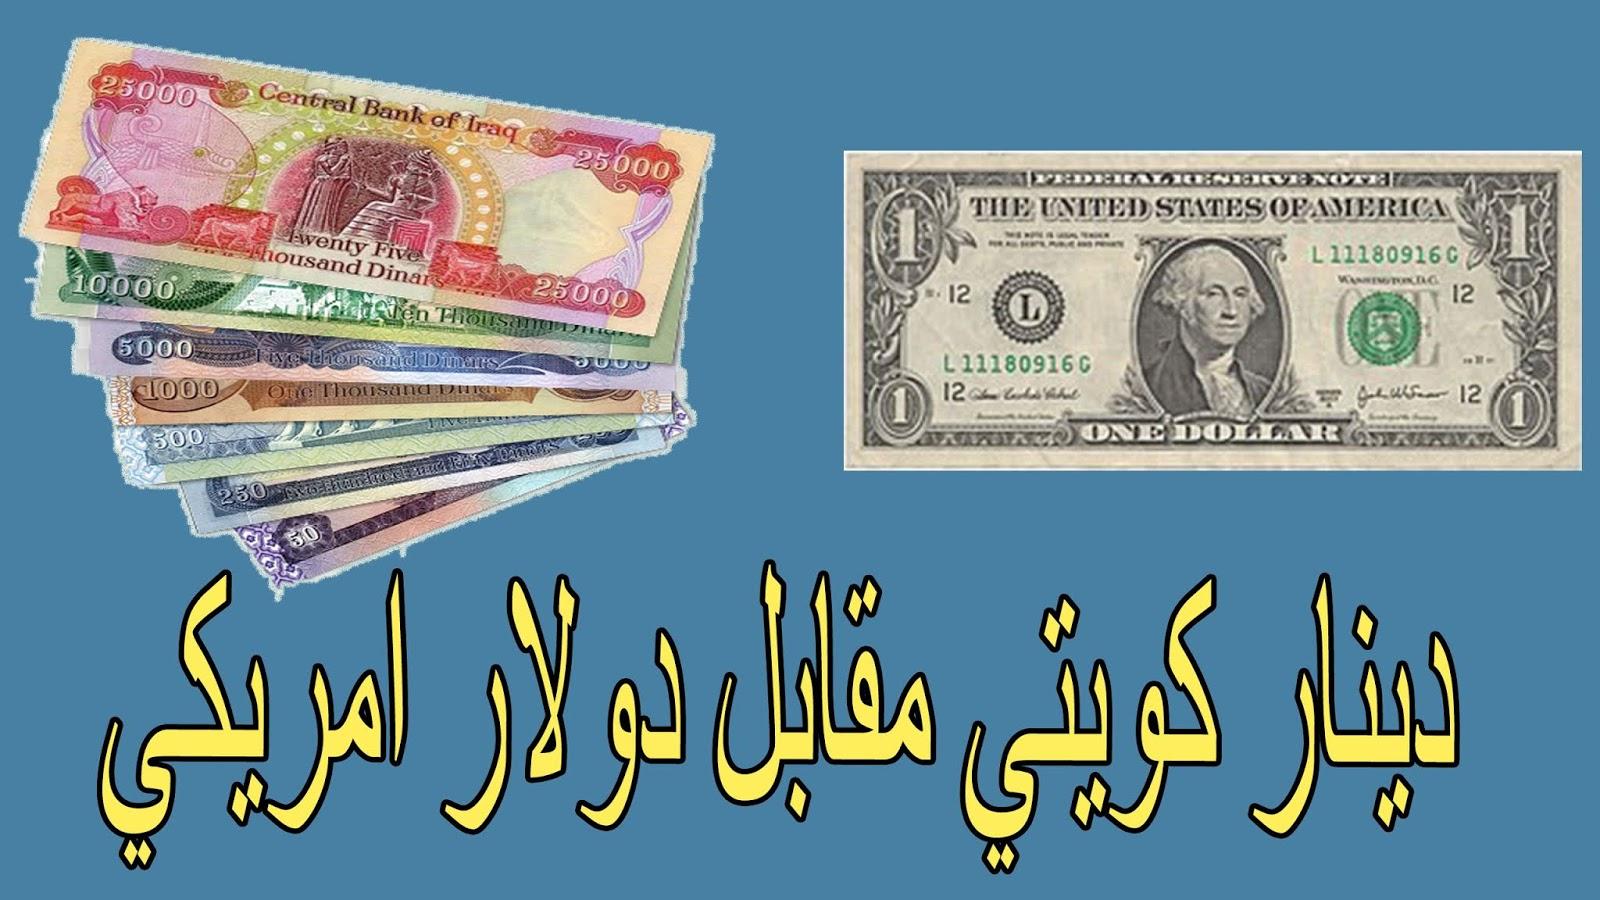 اسعار اليوم تحويل دينار كويتي مقابل الدولار الامريكي Usd Kwd 01 03 2020